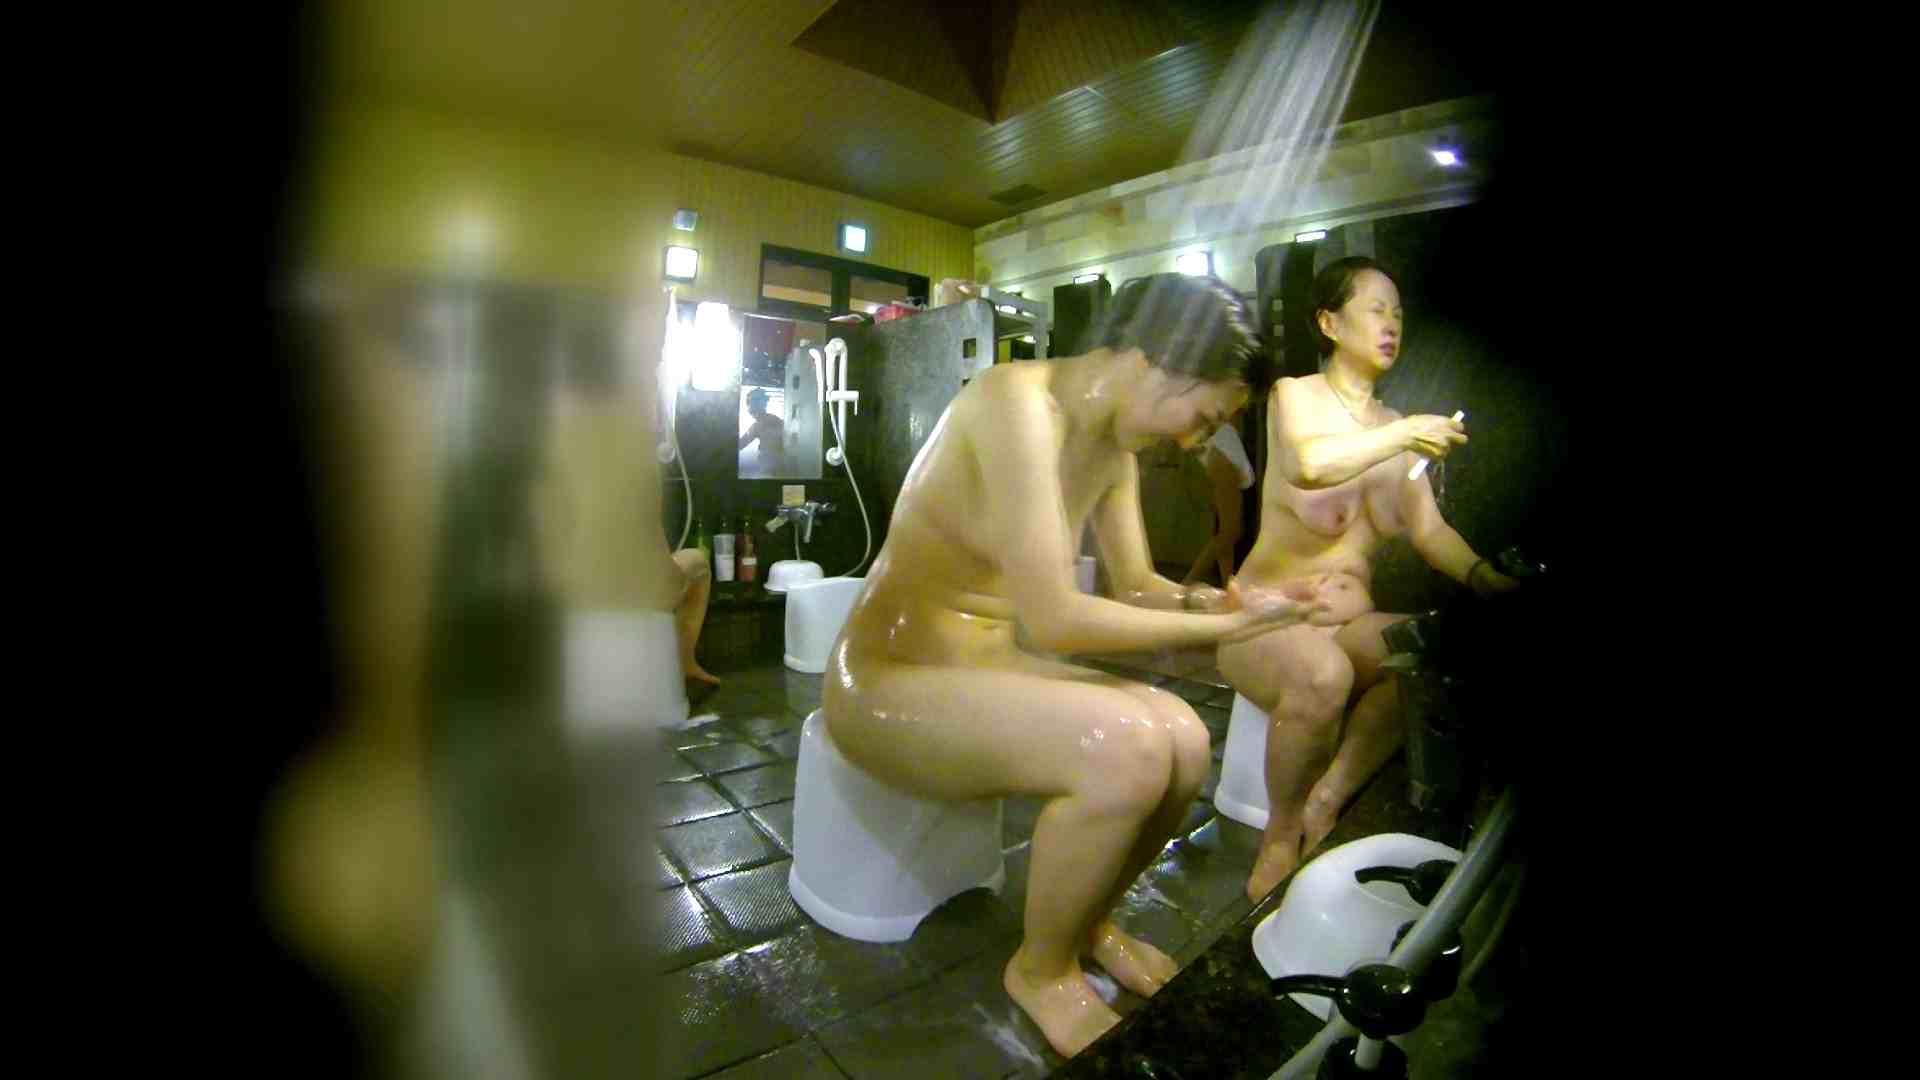 洗い場!右足の位置がいいですね。陰毛もっさり! 美肌 オメコ動画キャプチャ 107枚 52